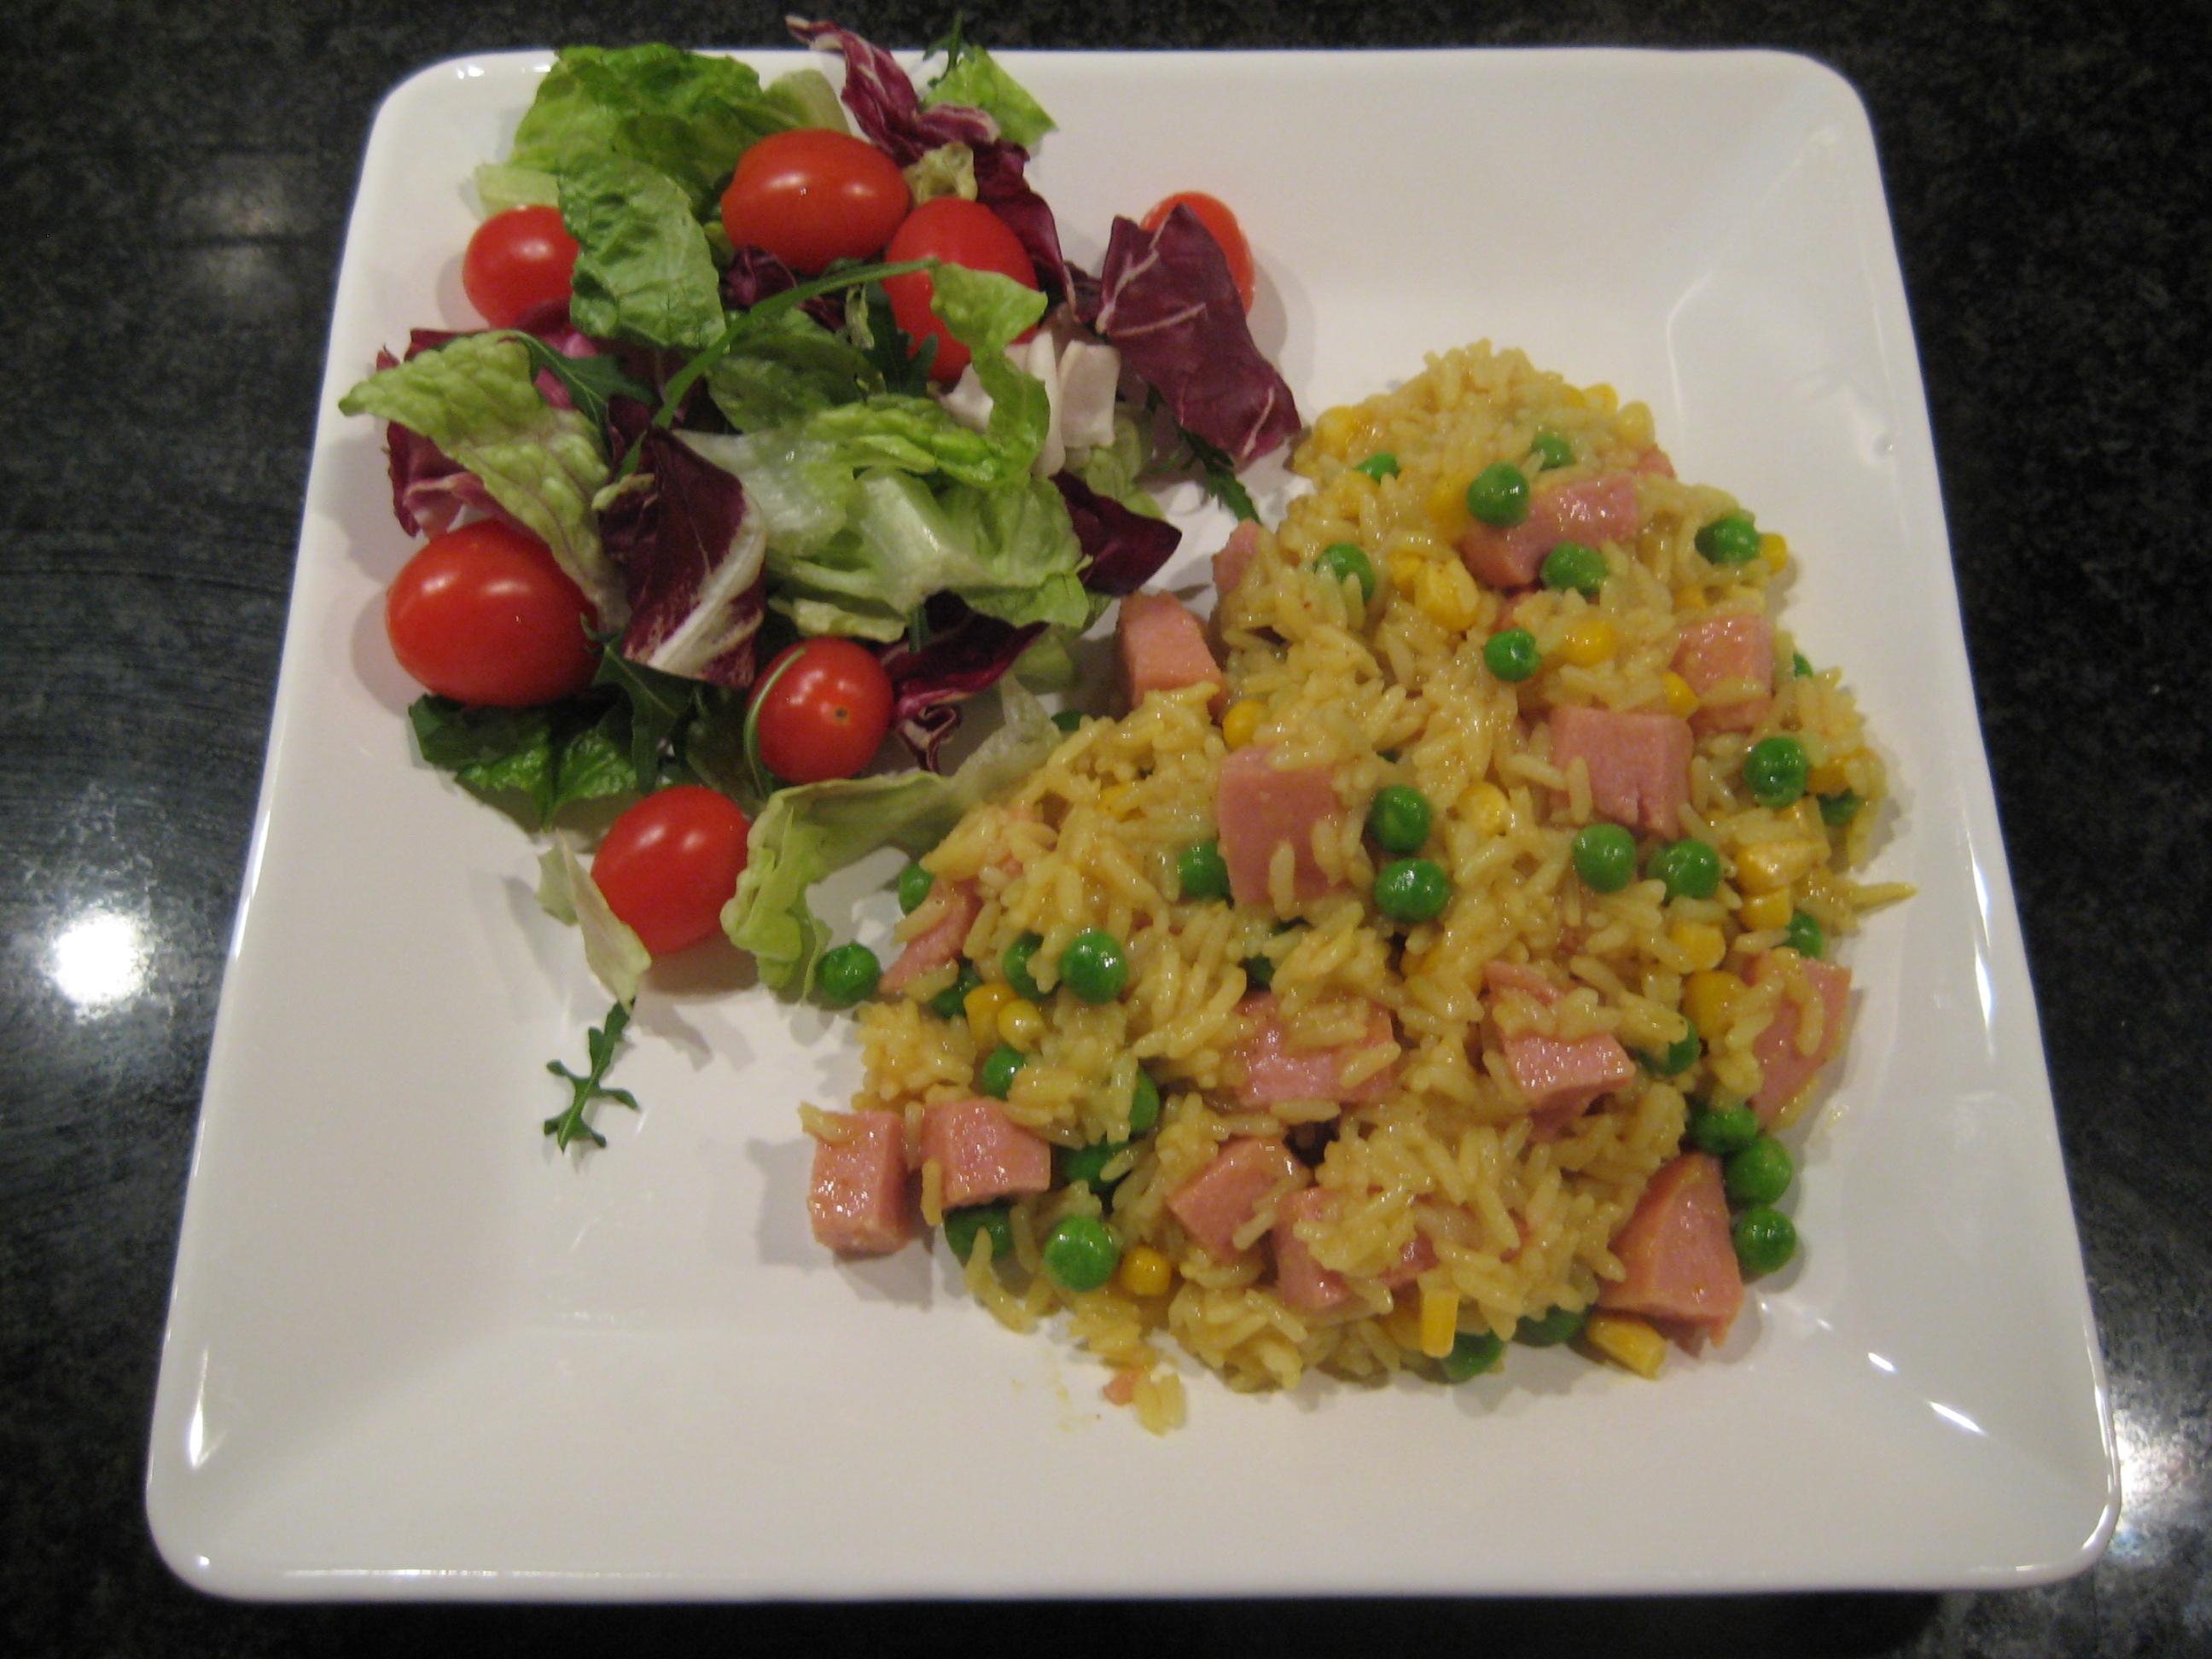 risotto gröna ärter korv majs ris